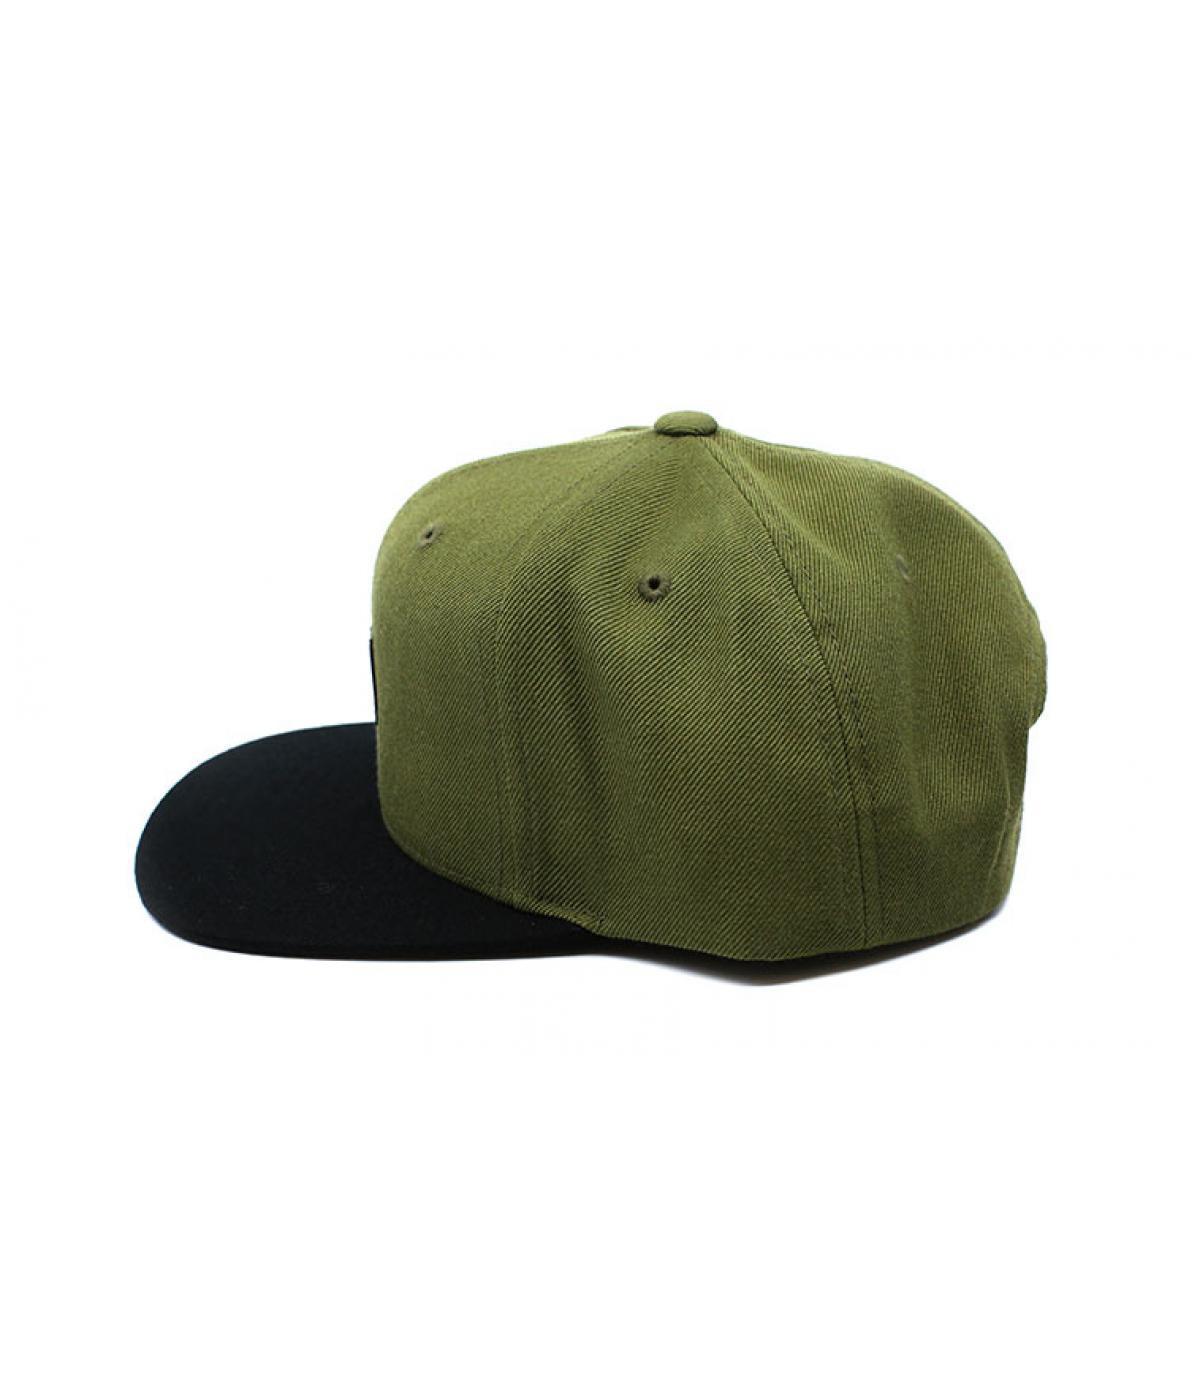 Dettagli Pitchout Cap olive black - image 4